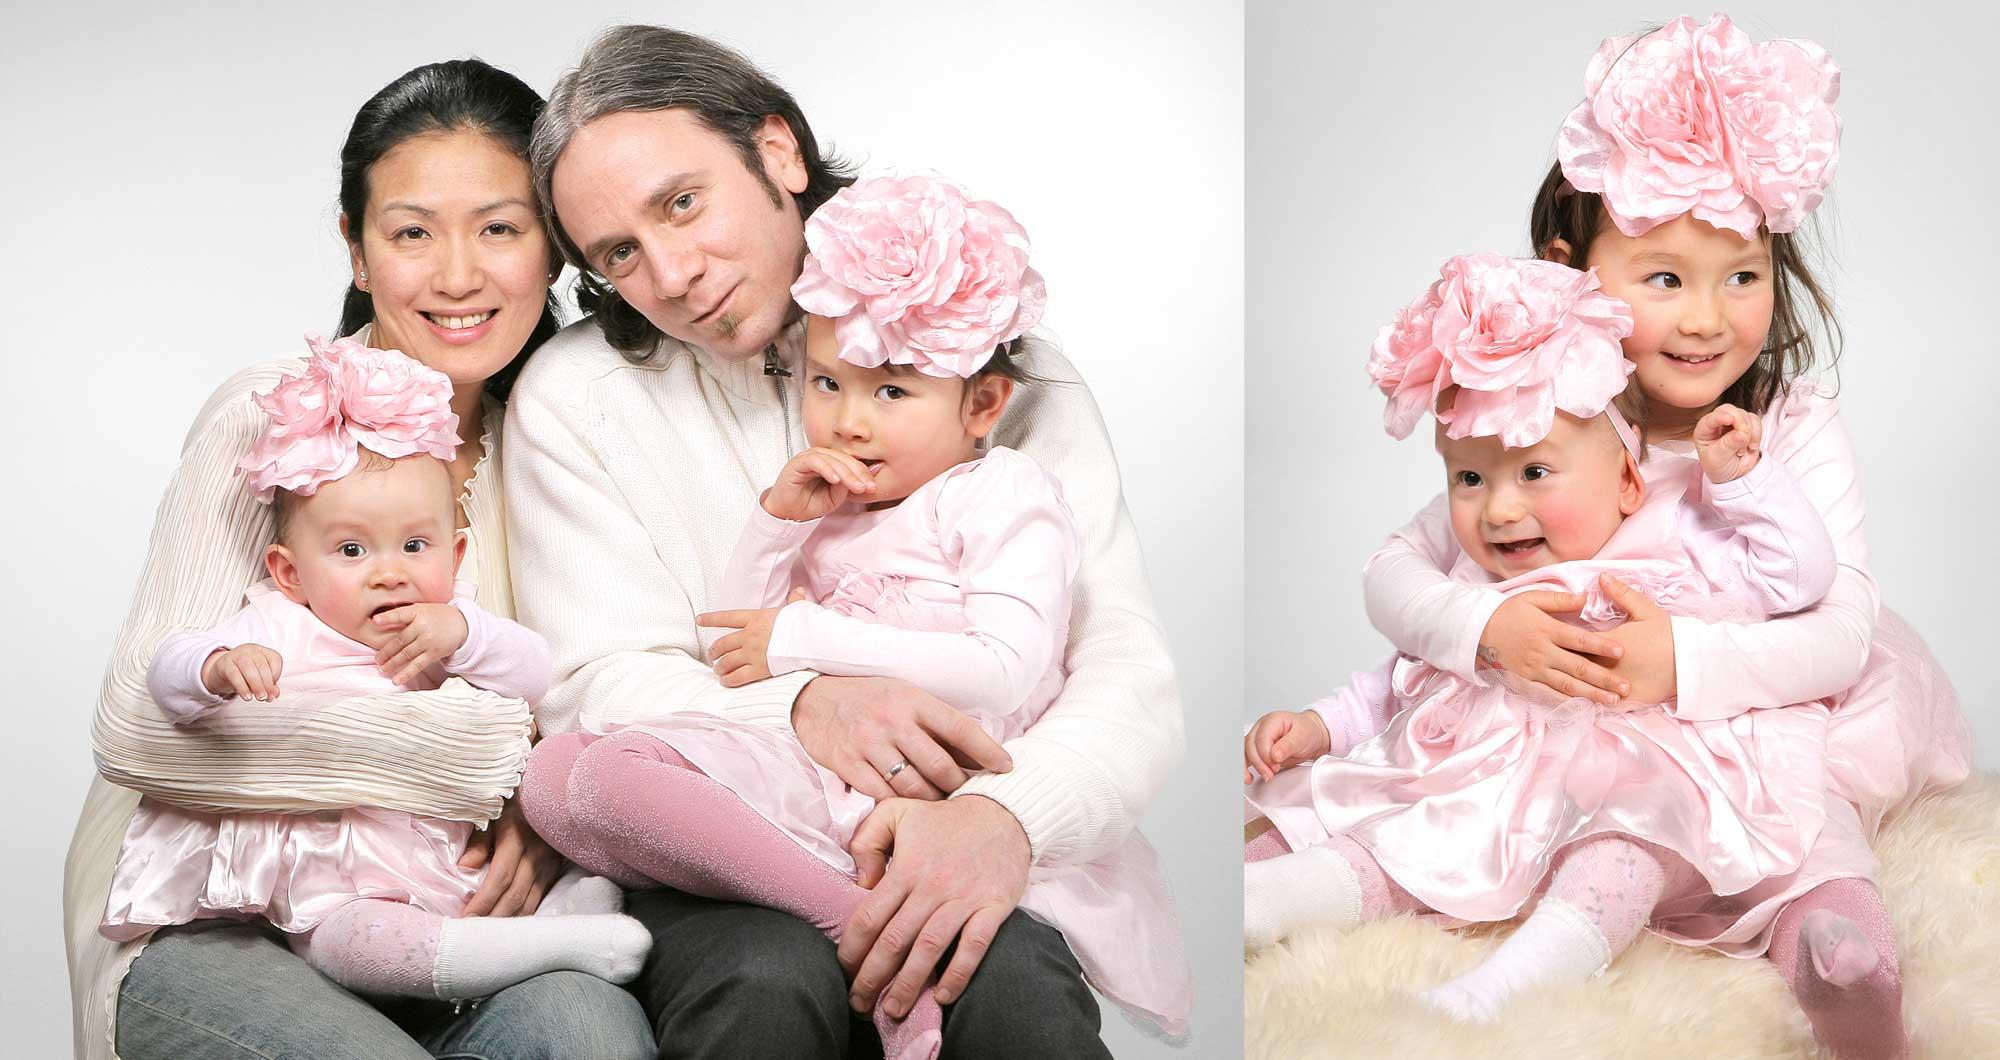 familieundkinderfoto-lenzvonkolkow19